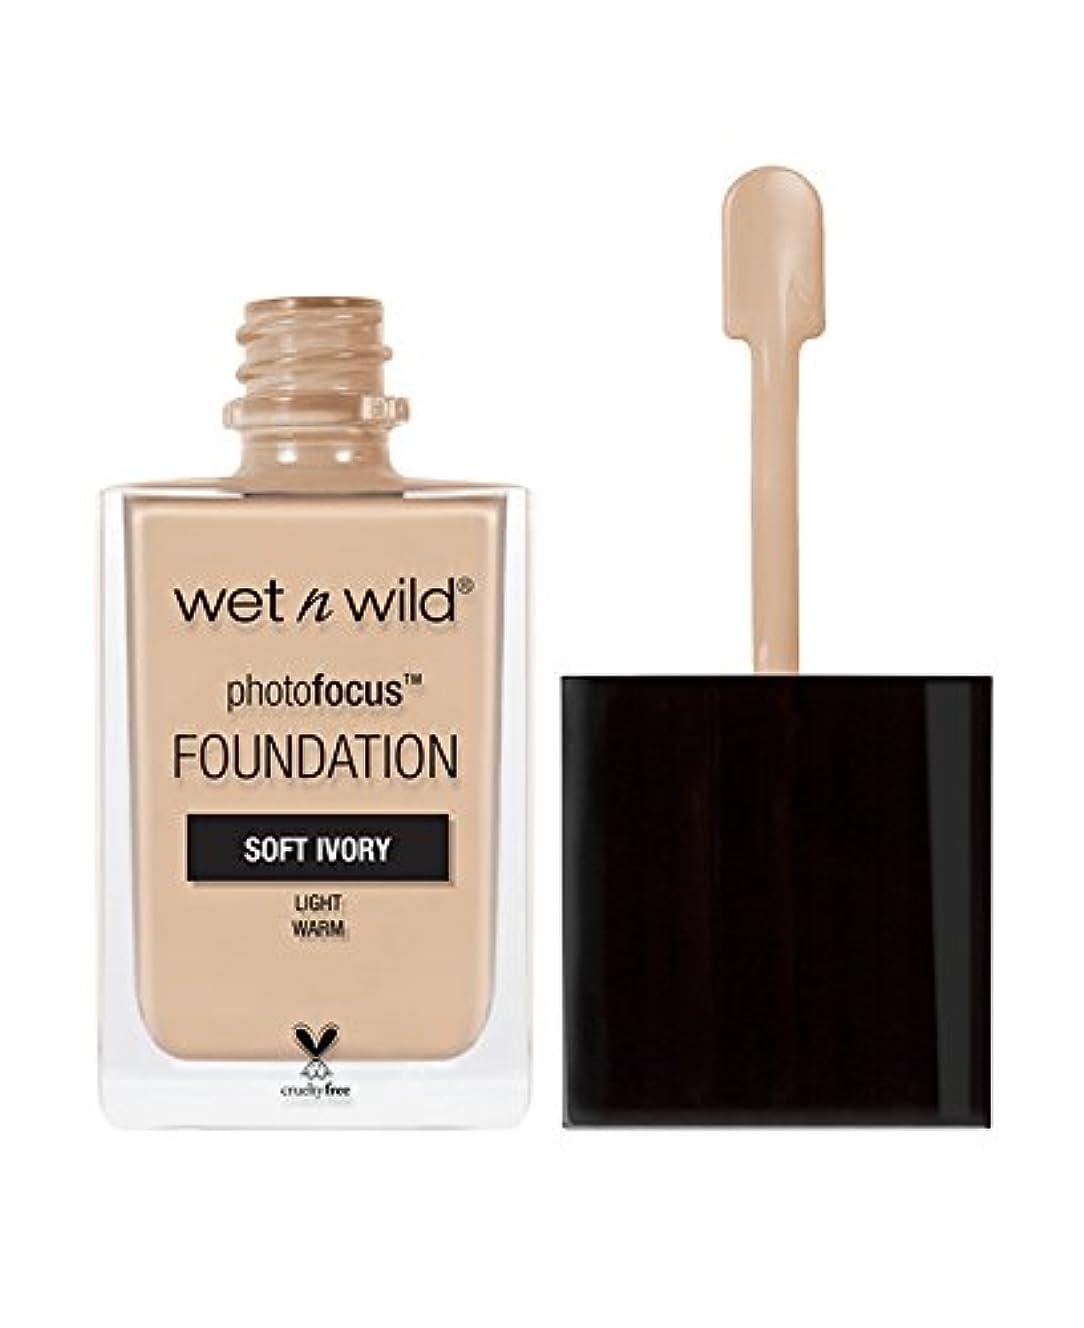 バリケード淡いフェンスWET N WILD Photo Focus Foundation - Soft Ivory (並行輸入品)